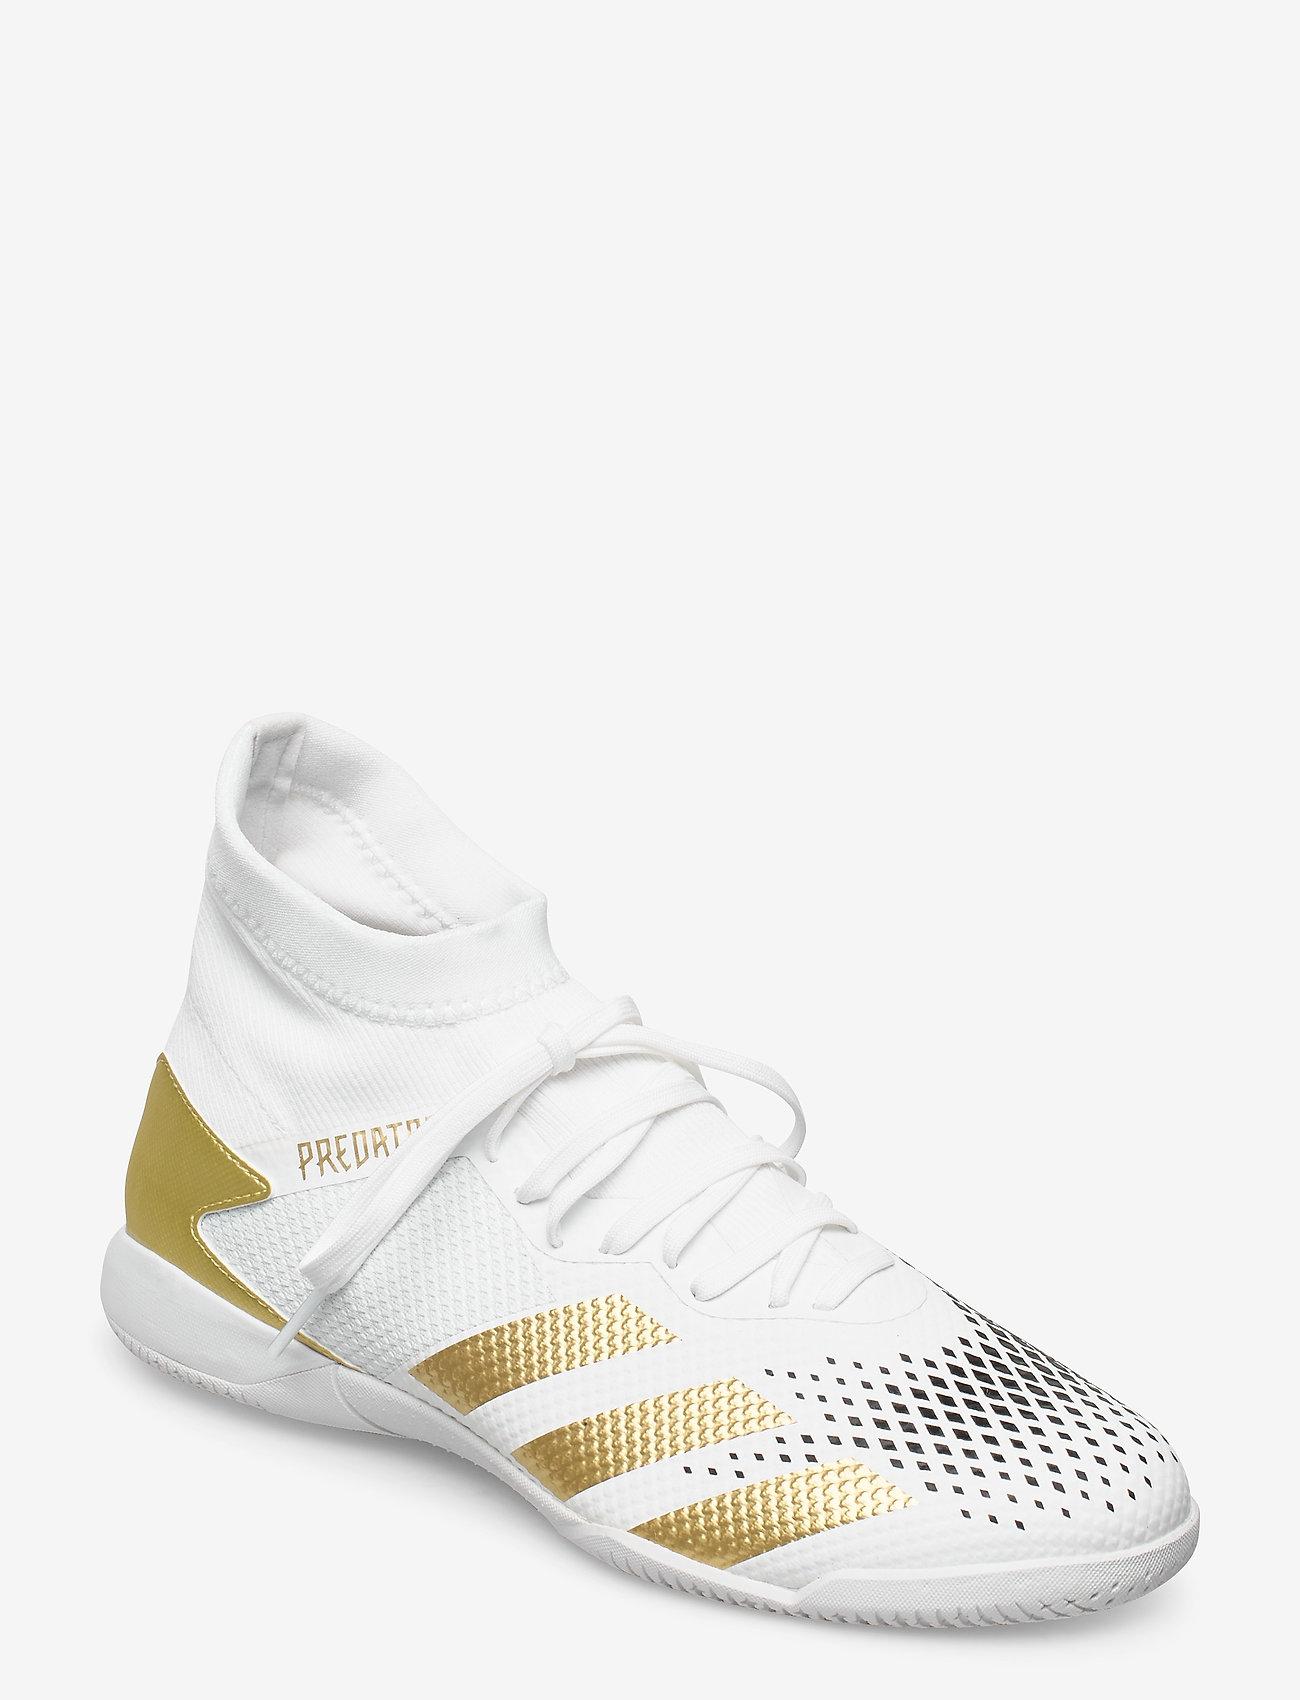 adidas Performance - PREDATOR 20.3 IN - fodboldsko - ftwwht/goldmt/cblack - 0